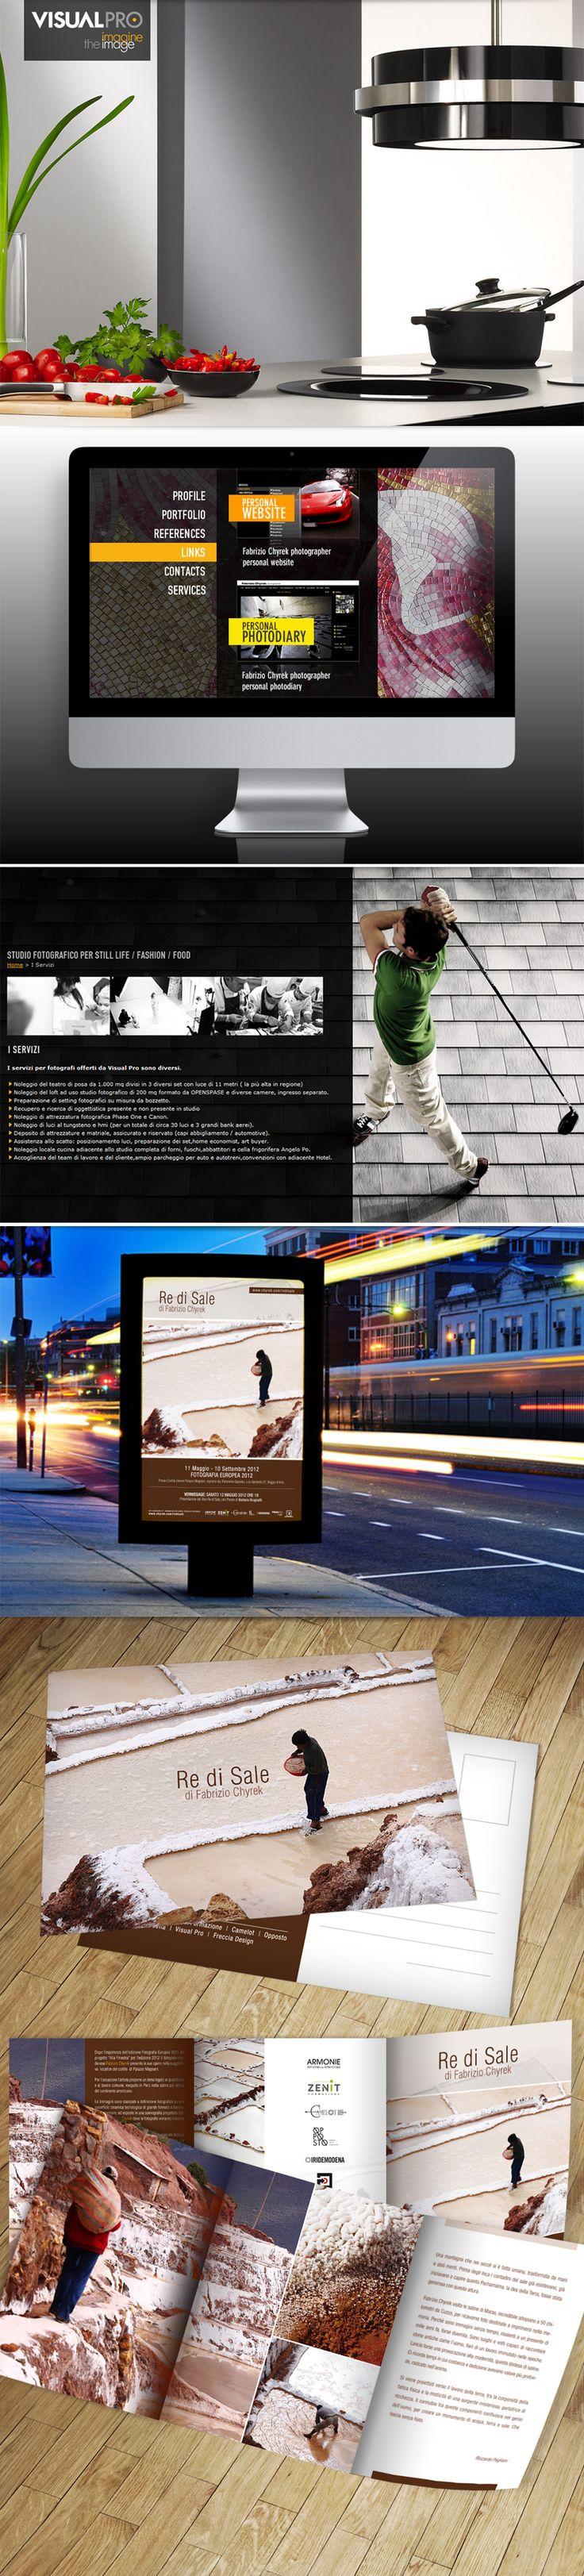 Visualpro - Fotografia. Un teatro di posa di 1000 mq. organizzato e pronto ad offrire le più aggiornate tecnologie digitali per progettare e produrre immagini uniche.  #graphicdesign #stampa #webdesign